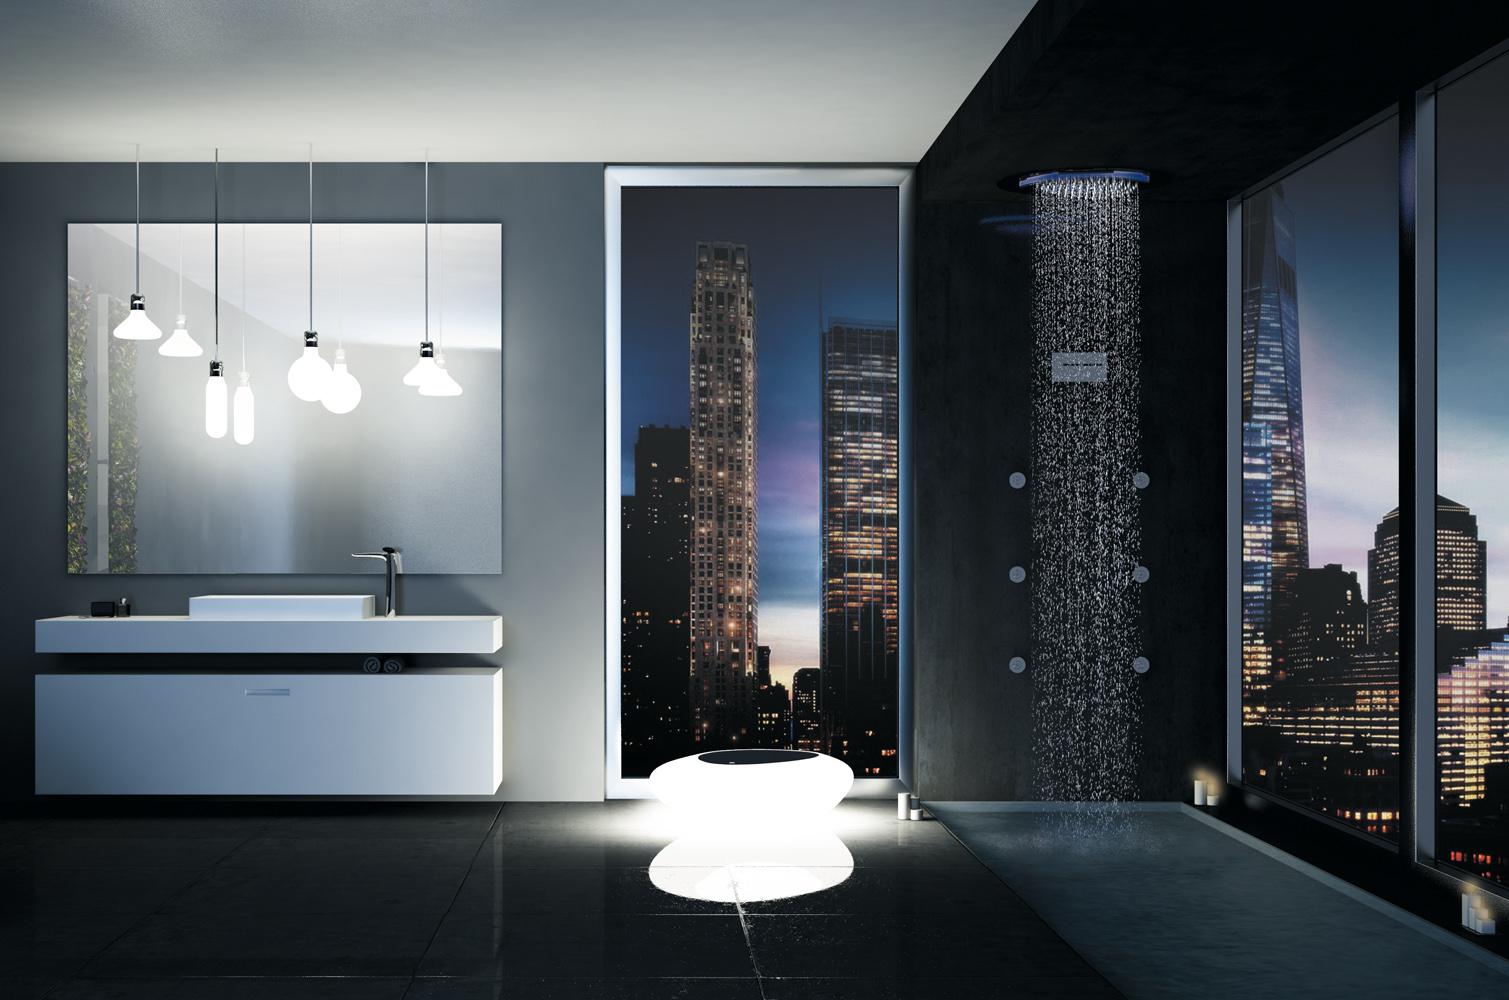 Configuration de Synergy douche avec plafond multifonction de douche